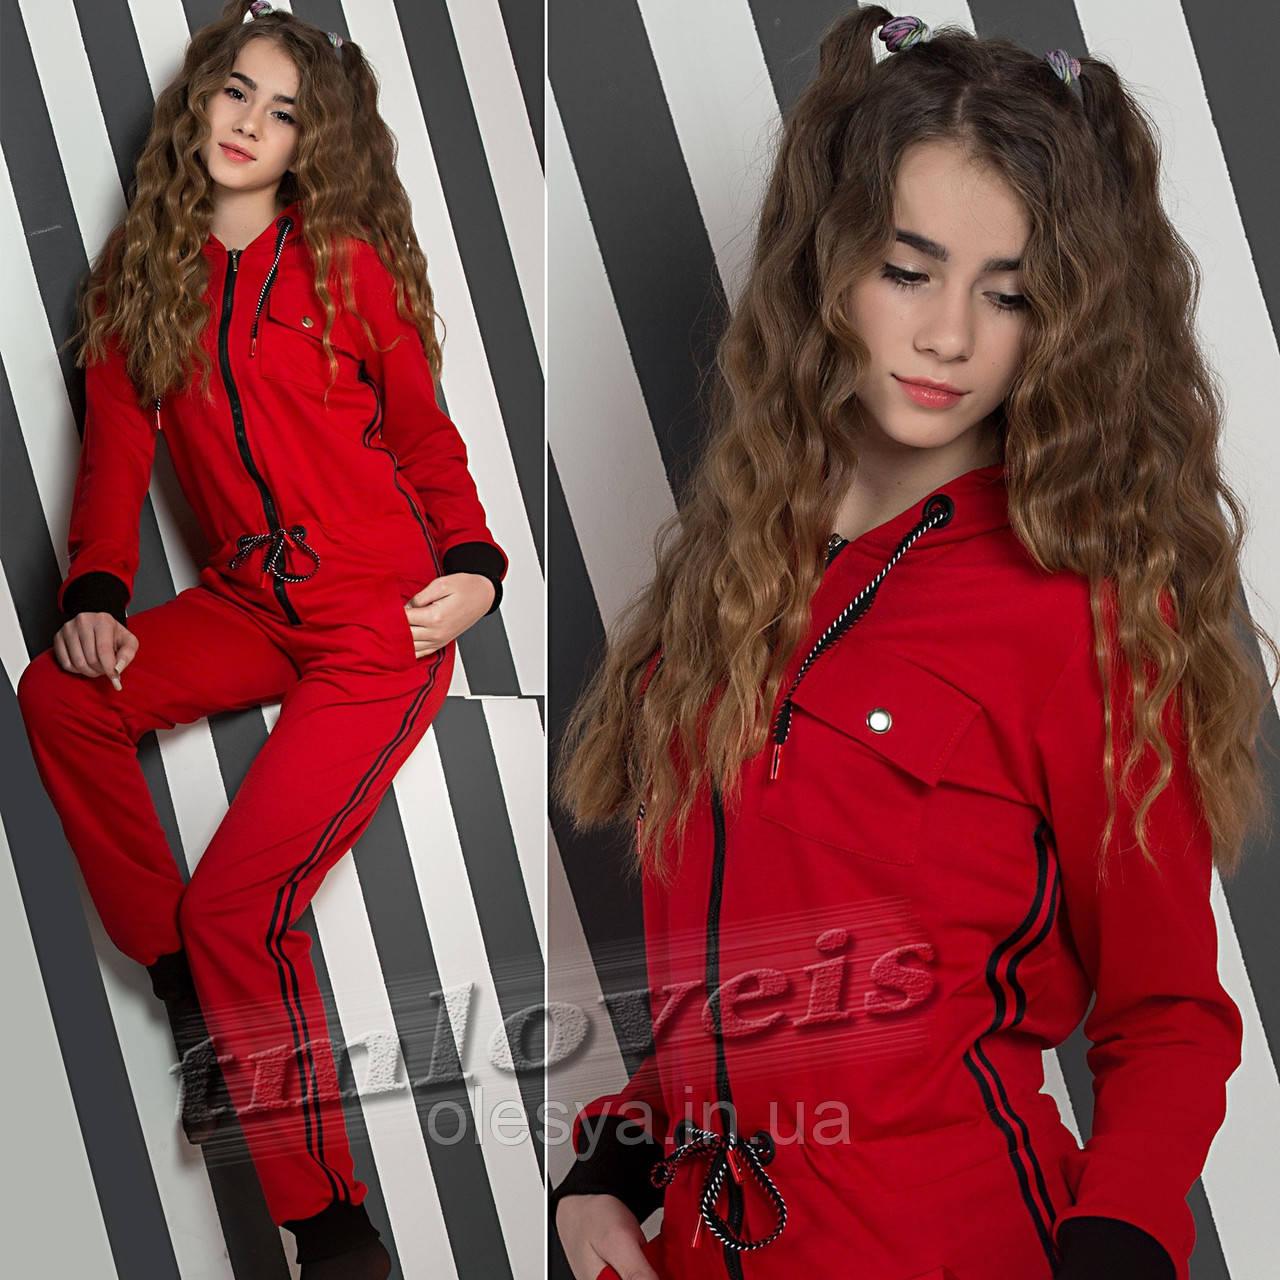 Подростковый комбинезон для девочек Glam ТМ Love is Размеры 140- 170